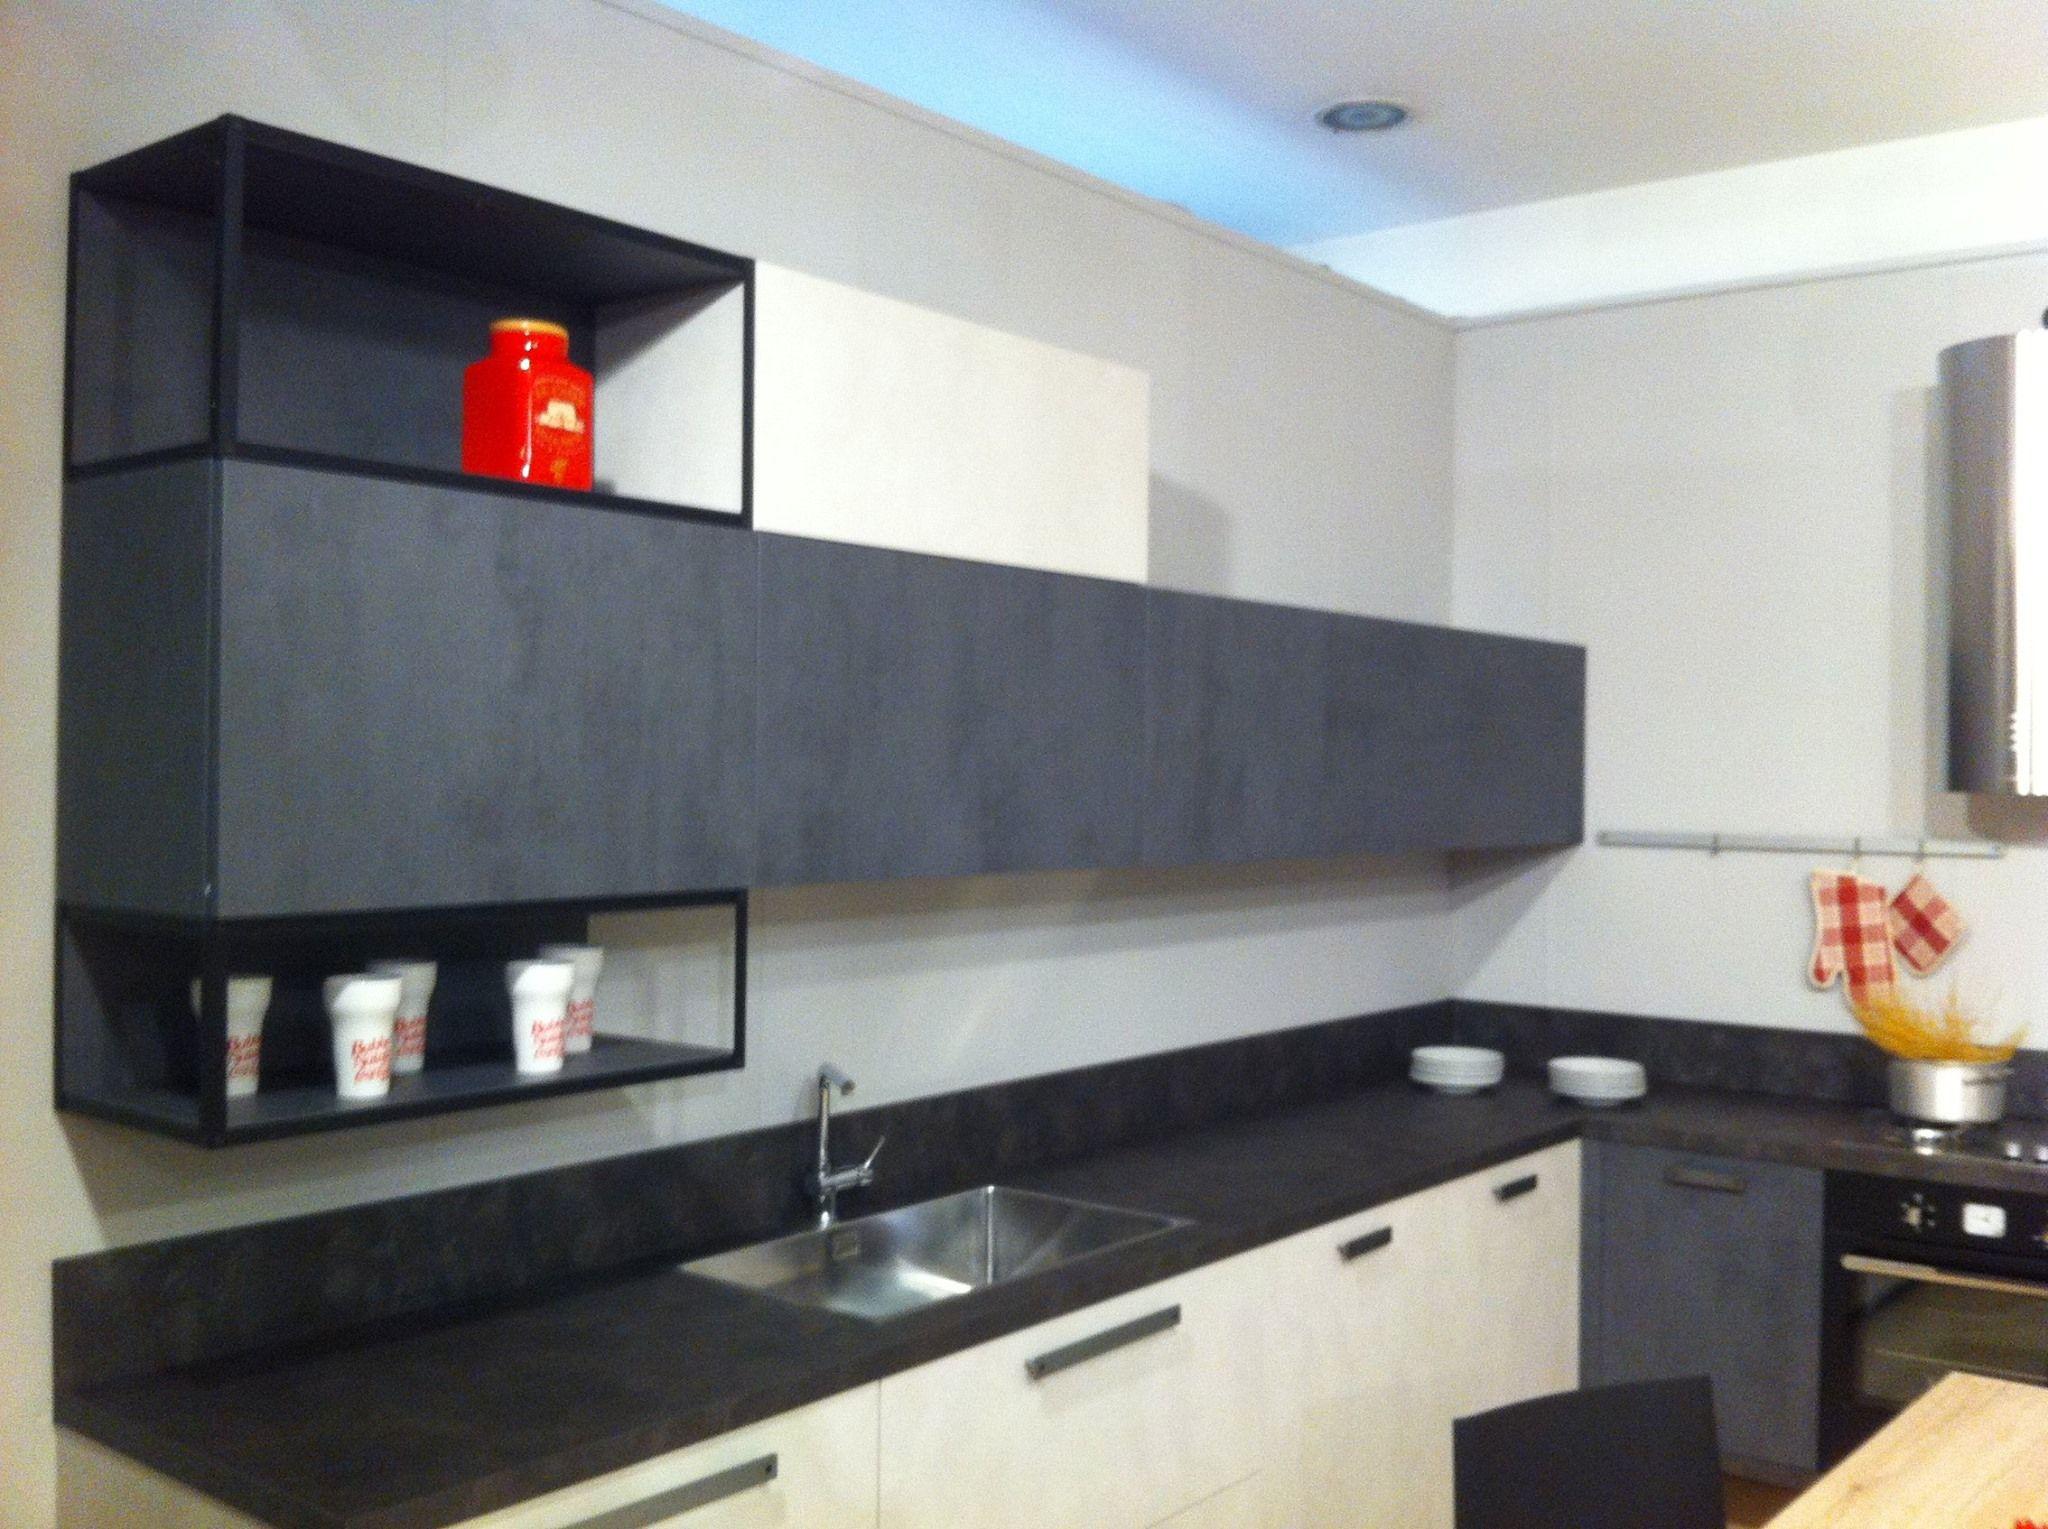 Nuova offerta: Nuova cucina con design metropolitano - Schio ...